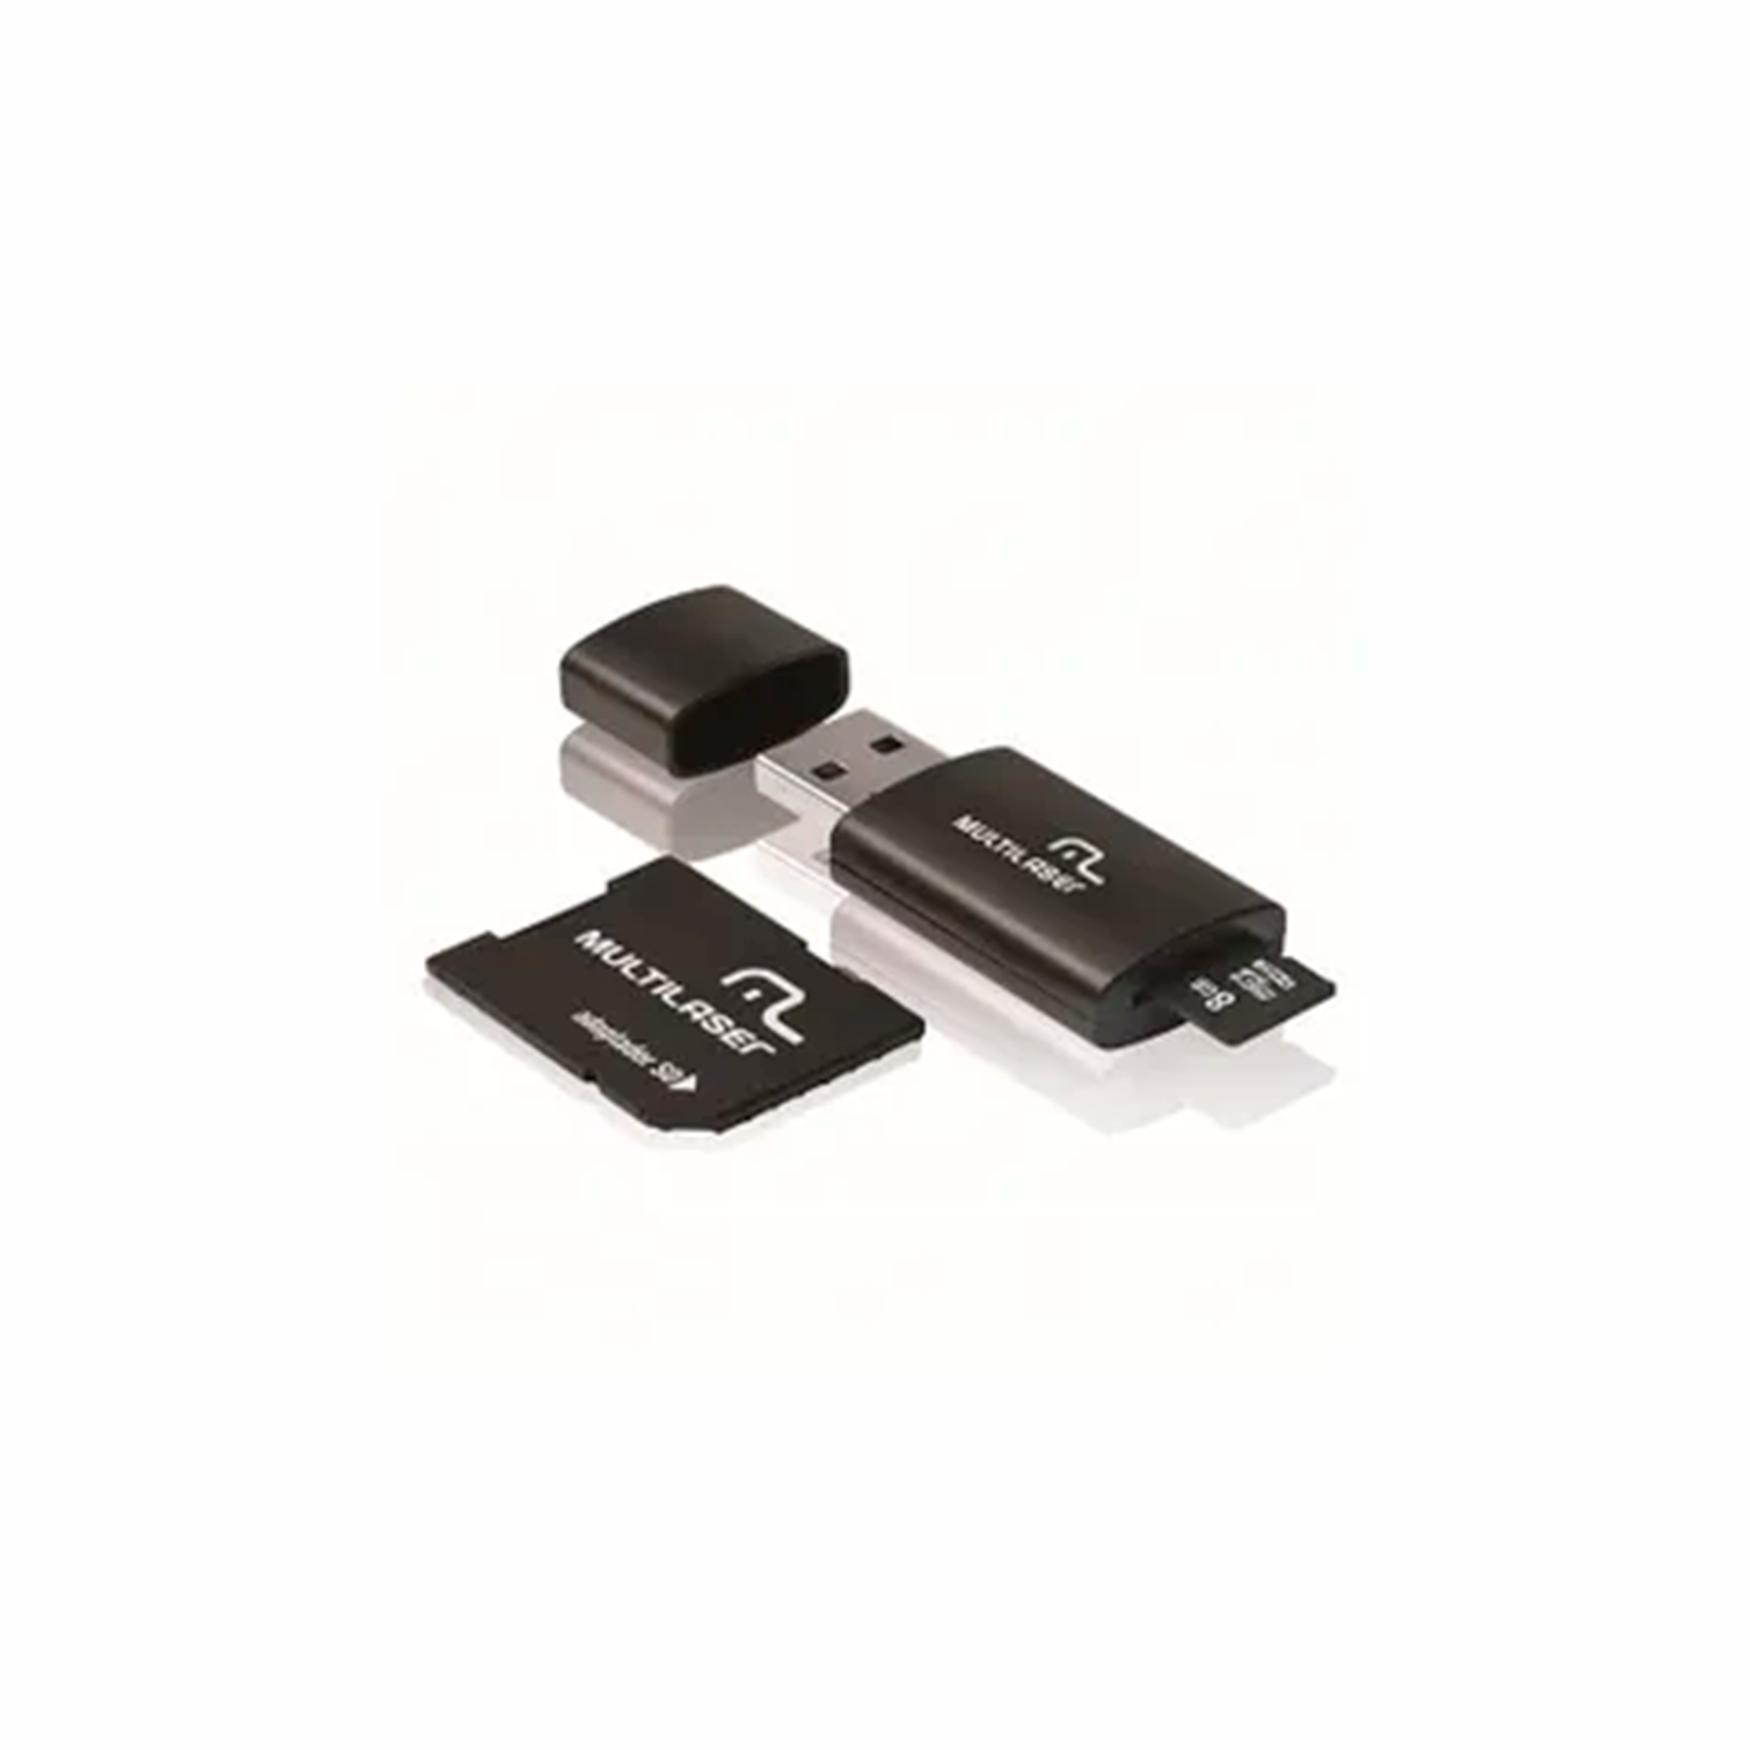 MEMORIA/PENDRIVE 64GB MC115 MULTILASER